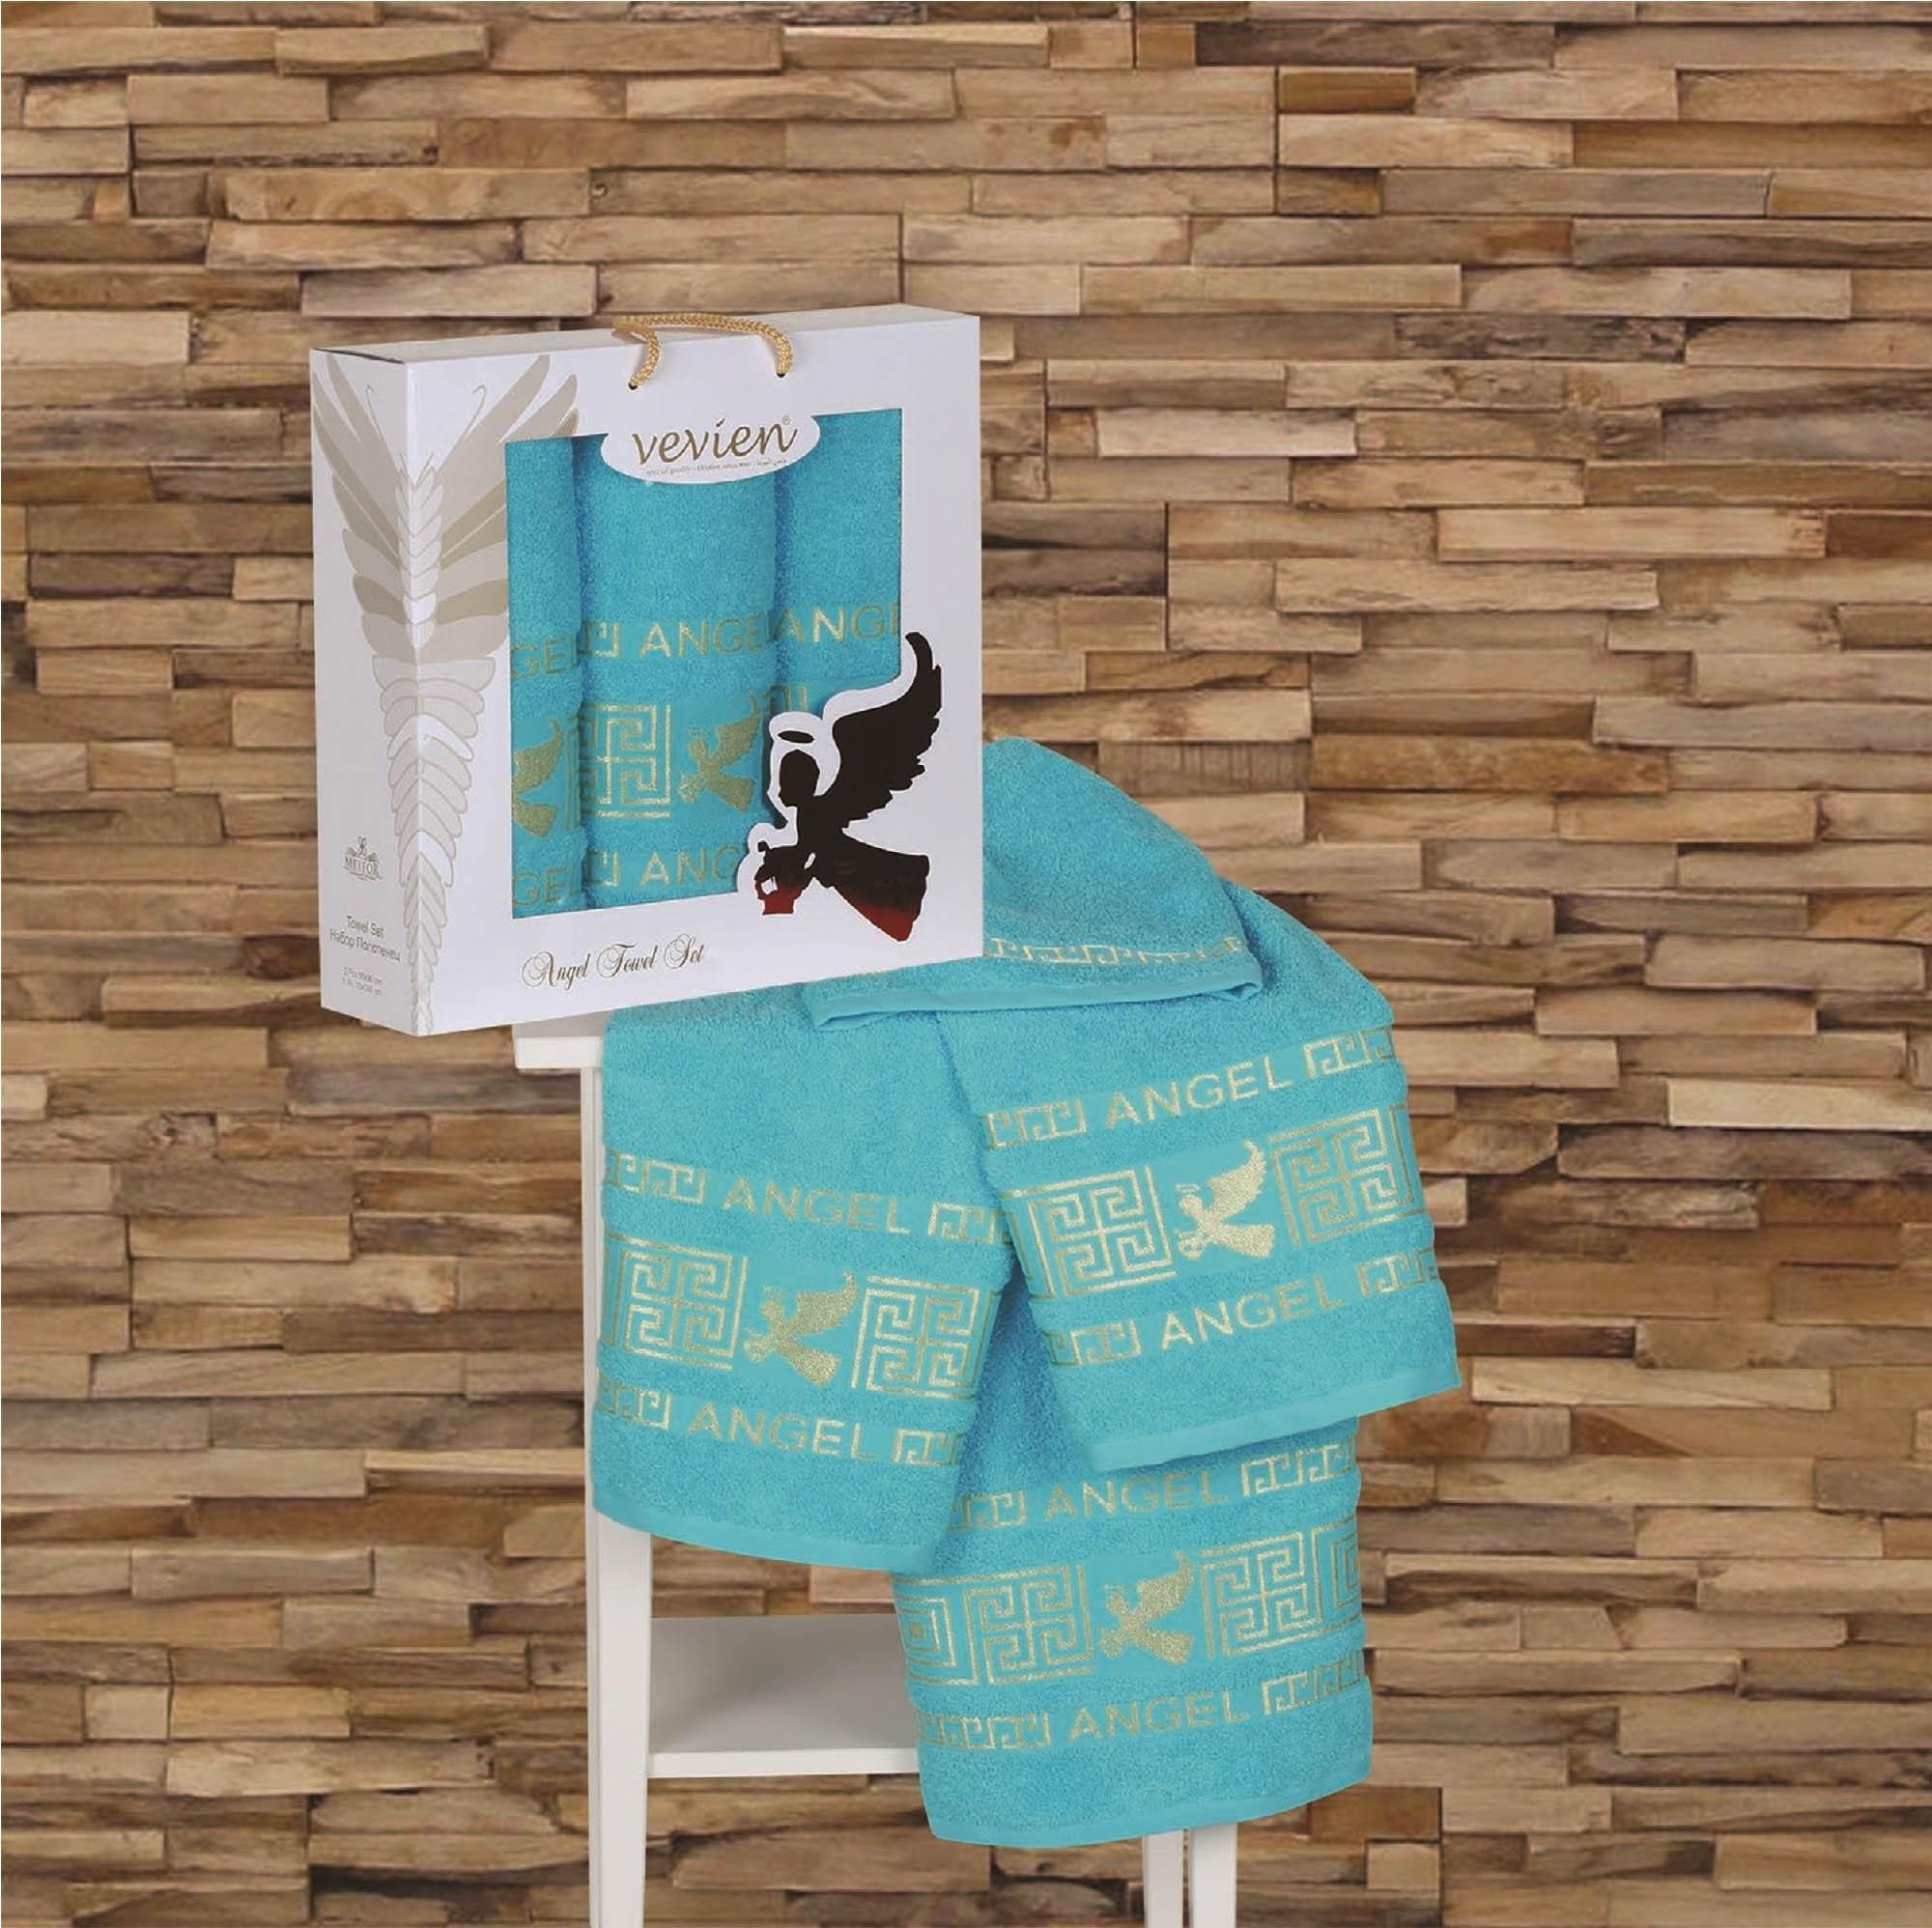 Полотенца Sokuculer Полотенце Angel Цвет: Бирюзовый (Набор) набор из 3 полотенец merzuka sakura 50х90 2 70х140 8432 терракотовый